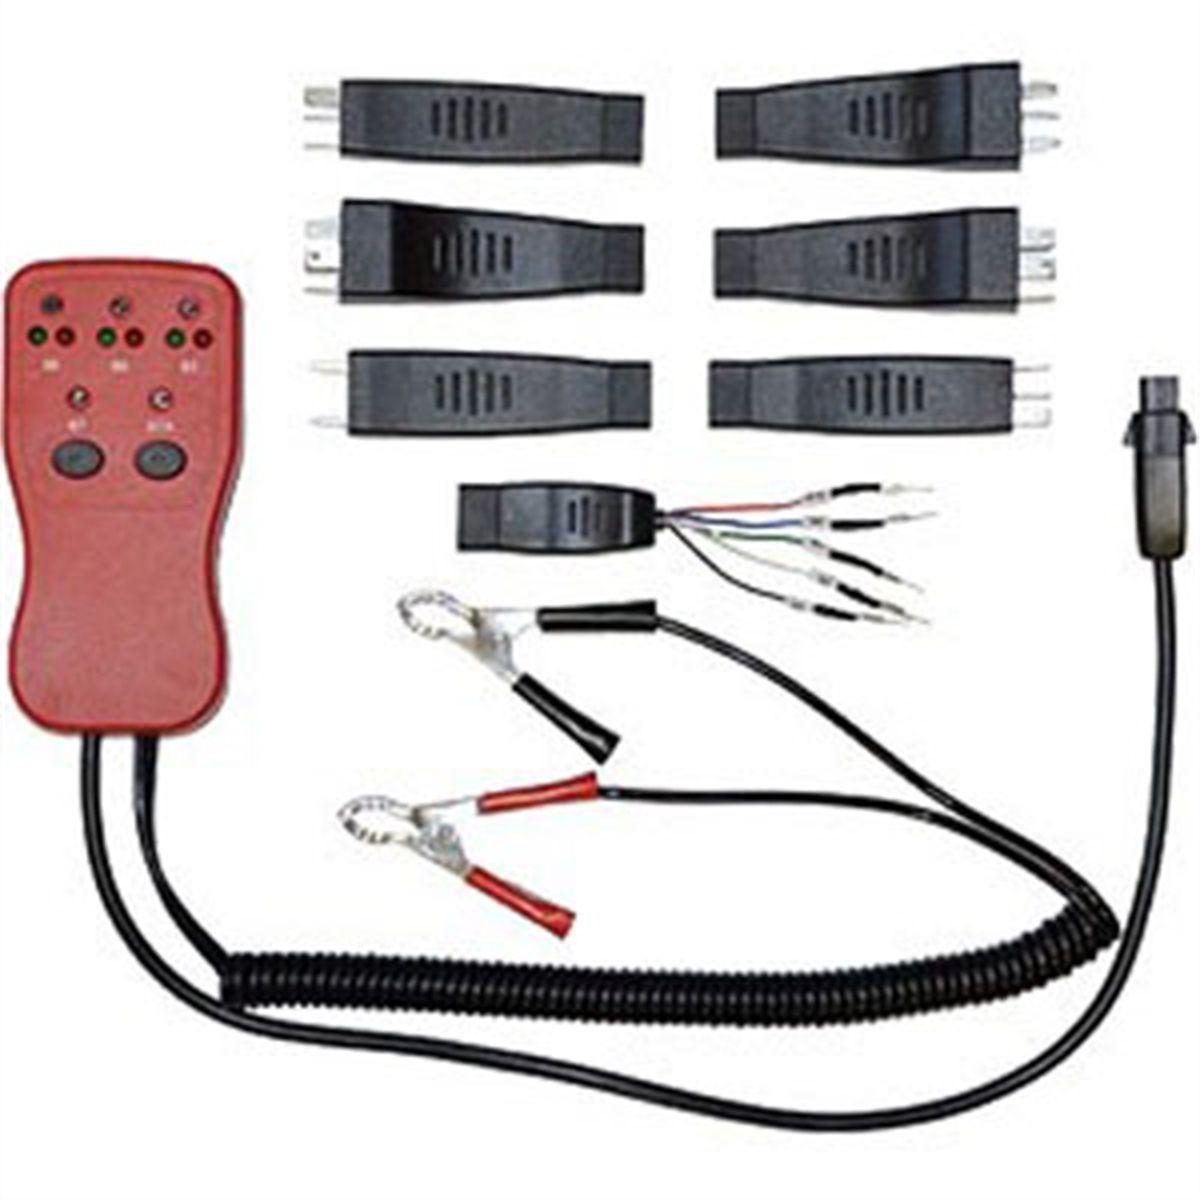 relay circuit diagnostic tester tool 12 or 24 volt cal van tools 76 rh toolsource com Master Relay Tester Mac Tools sealey ta 130 relay circuit diagnostic tester